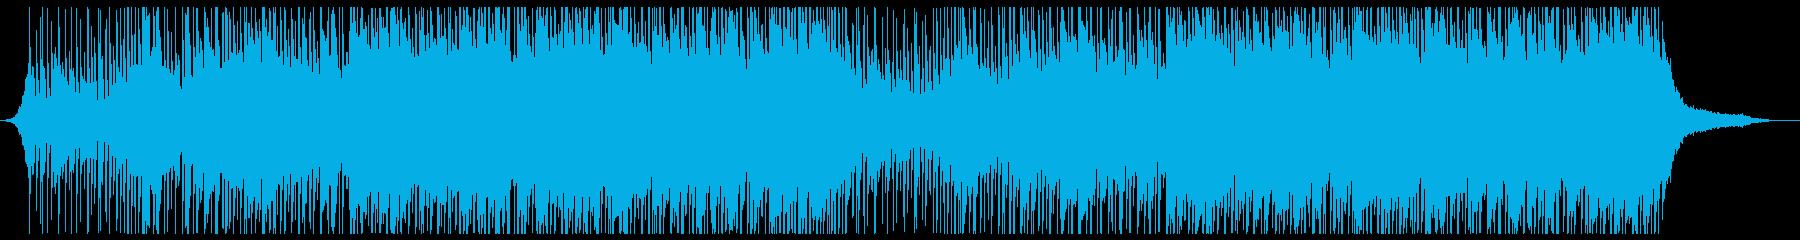 アコギの刻みが心地良い軽快ソフトロックBの再生済みの波形